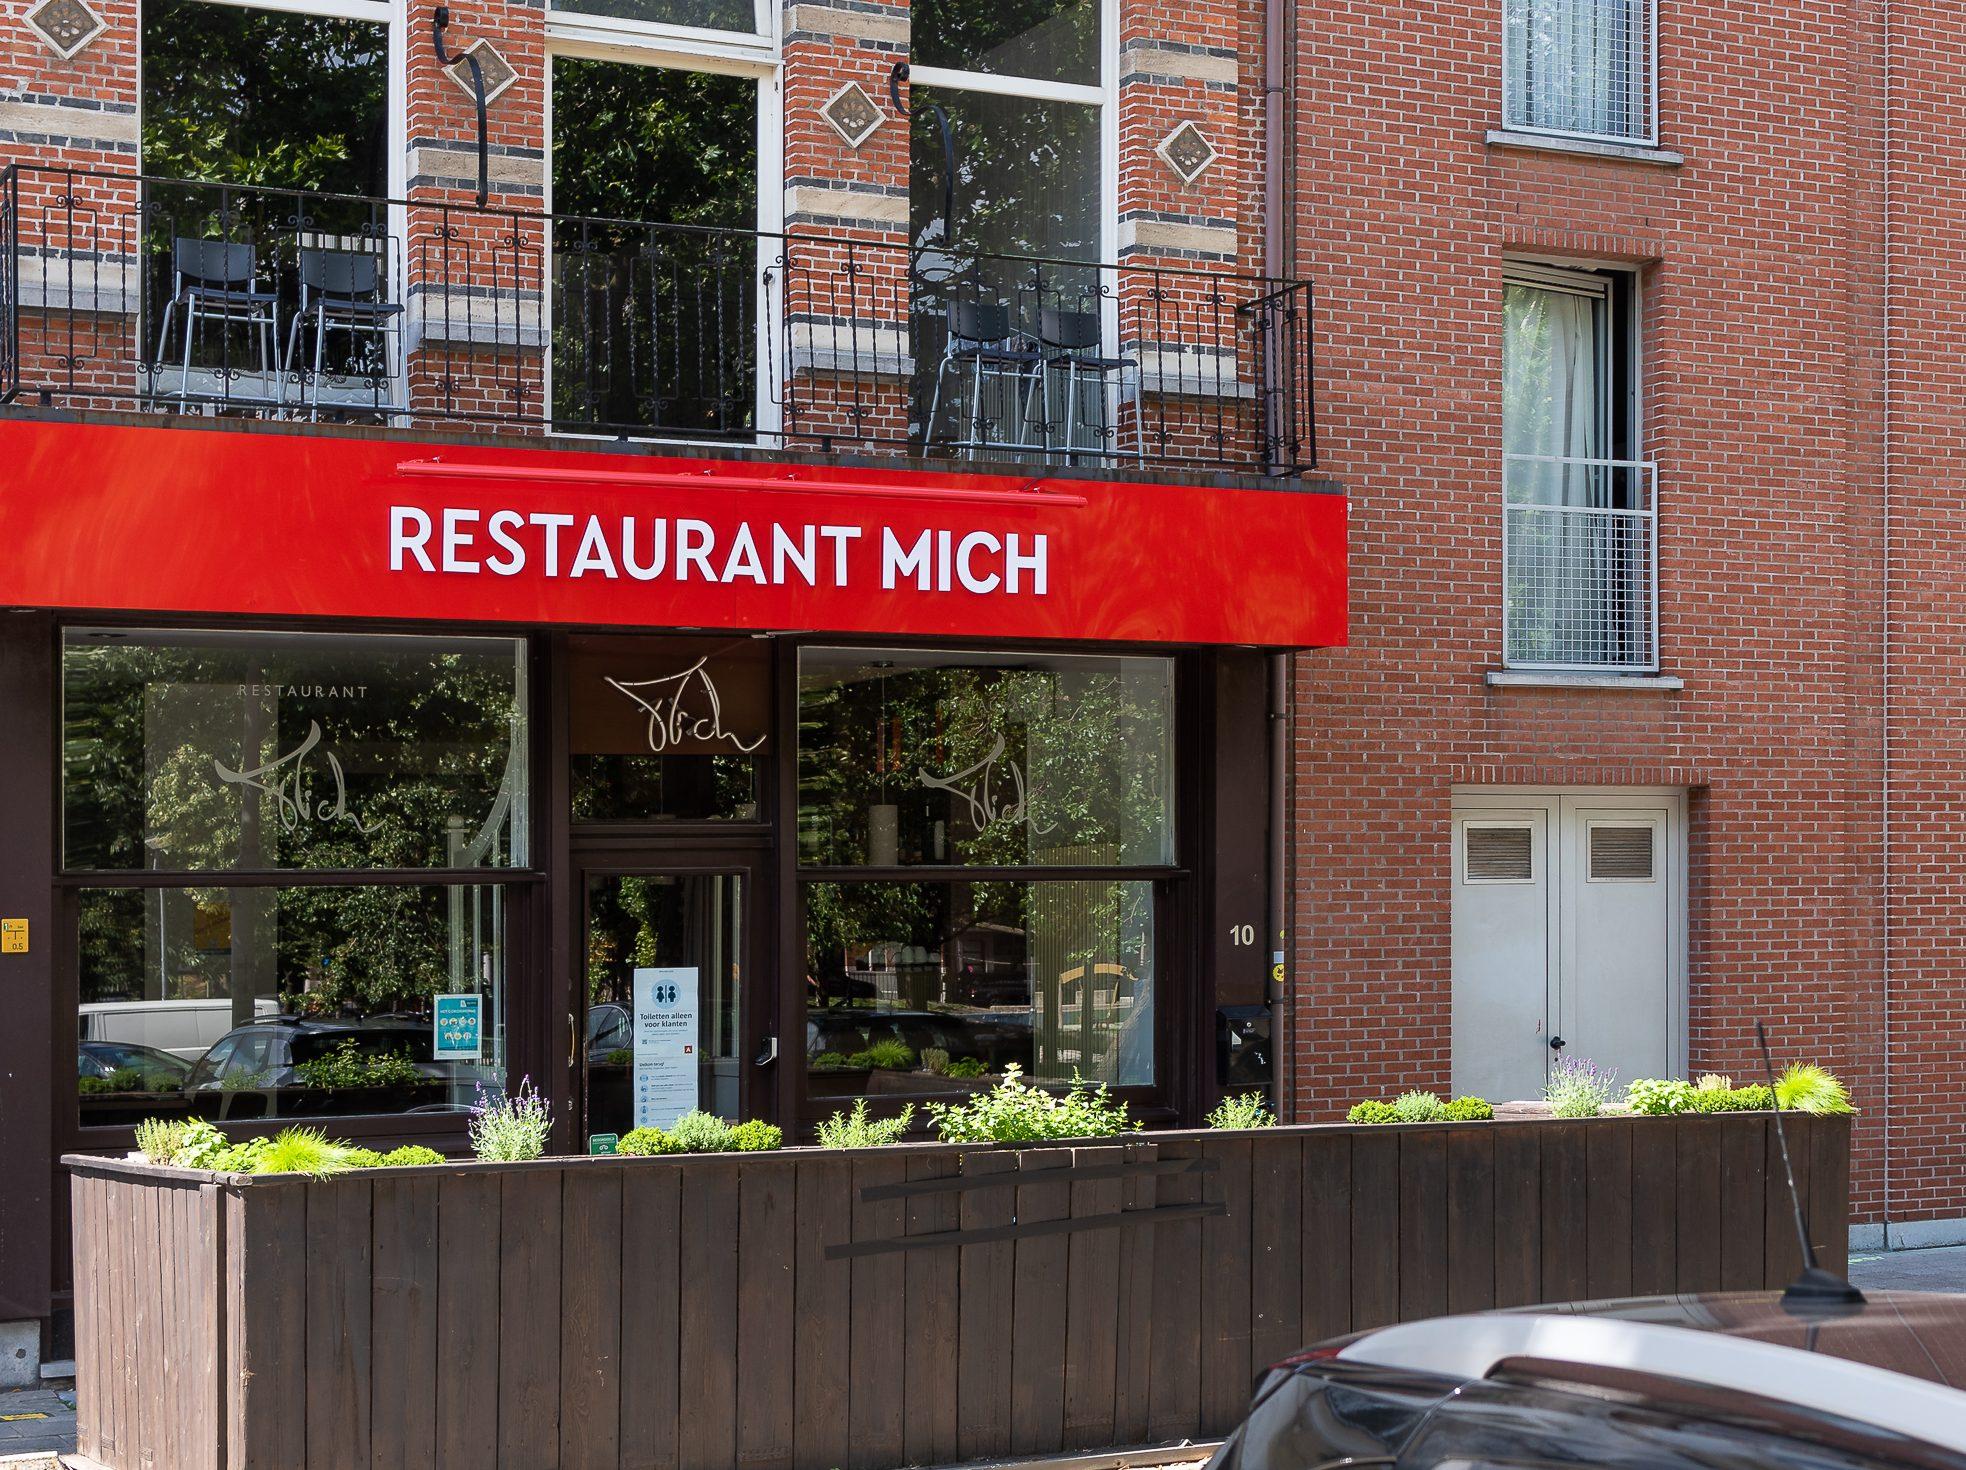 Gevelreclame voor Restaurant Mich